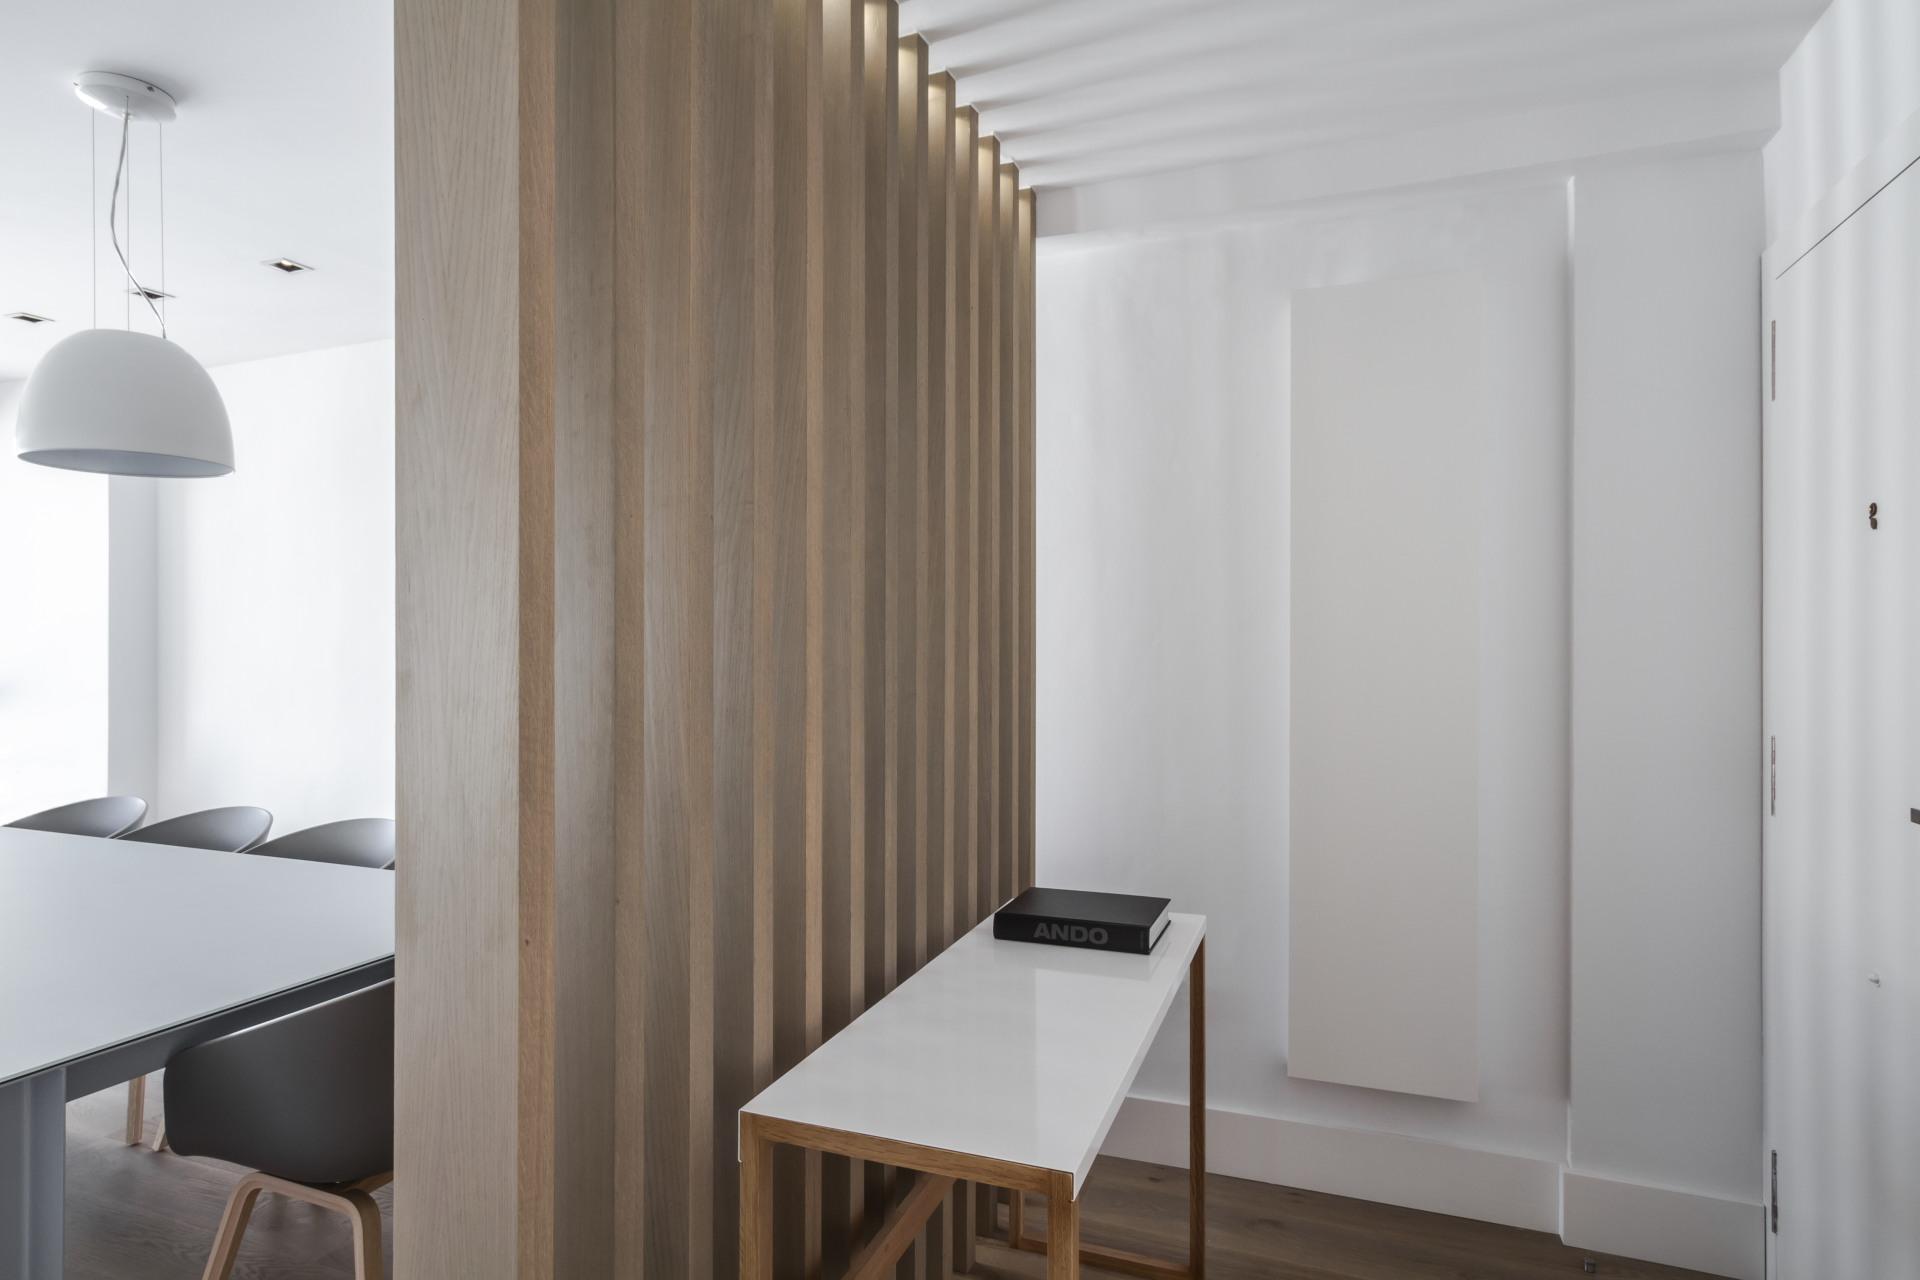 fotografia-arquitectura-valencia-german-cabo-hernandez-sorni-2 (7)